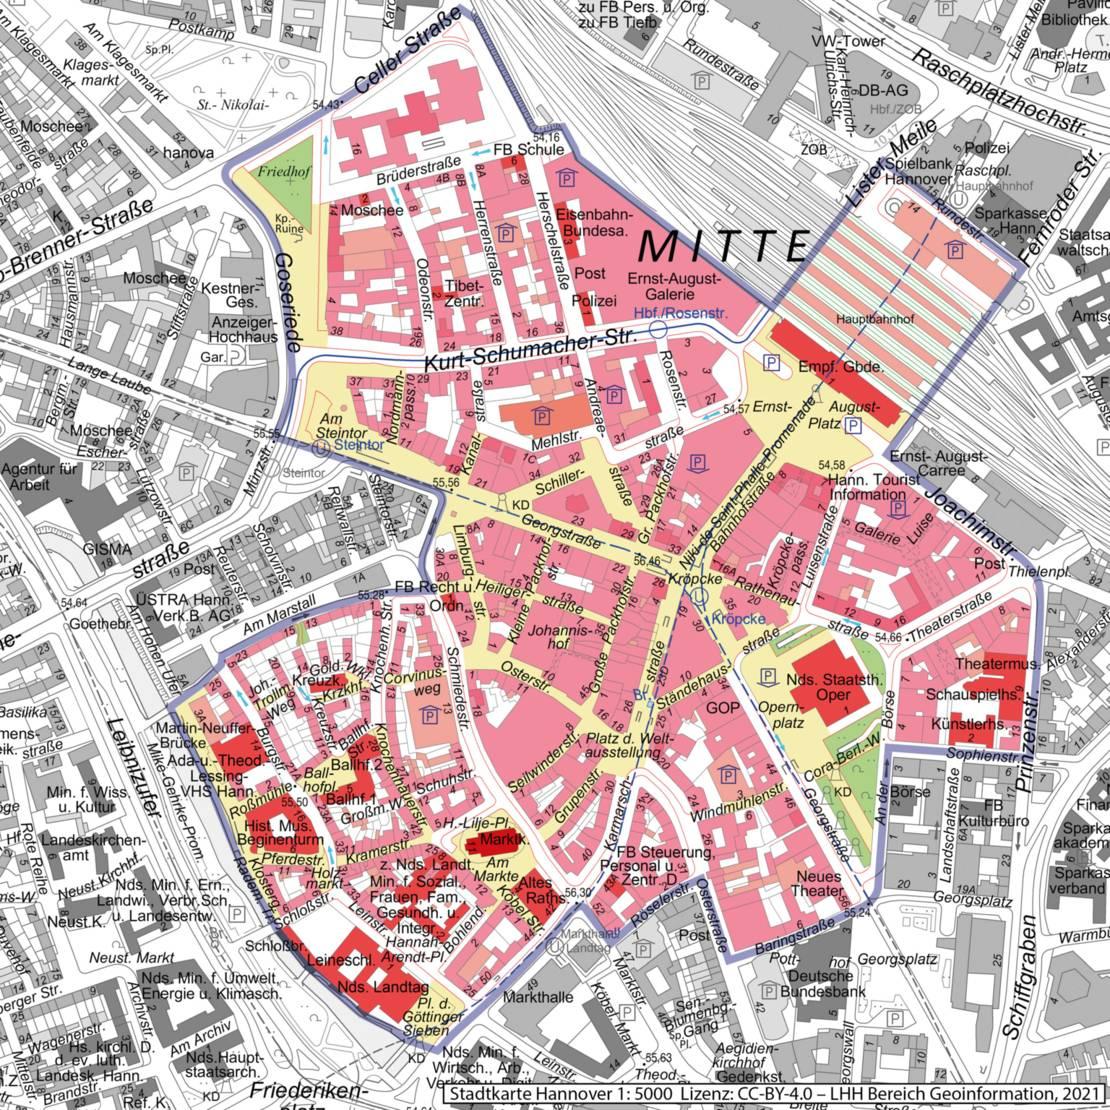 Karte der hannoverschen Innenstadt, der innere Teil ist farbig, außen rum ist sie in Graustufen gehalten